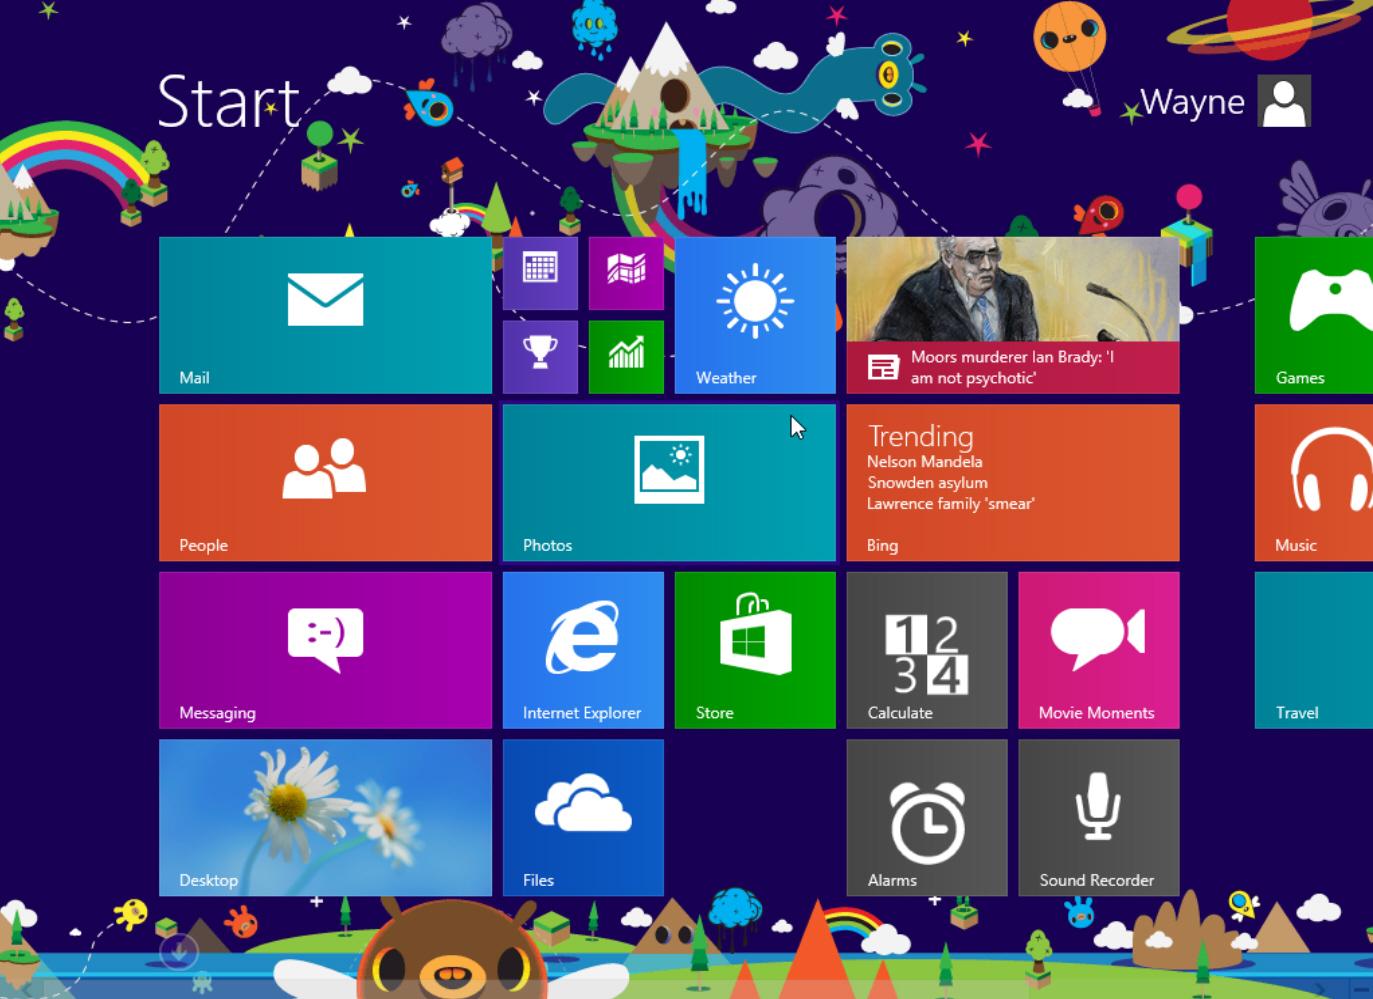 http://betanews.com/wp-content/uploads/2013/06/windows-8.1-start.jpg